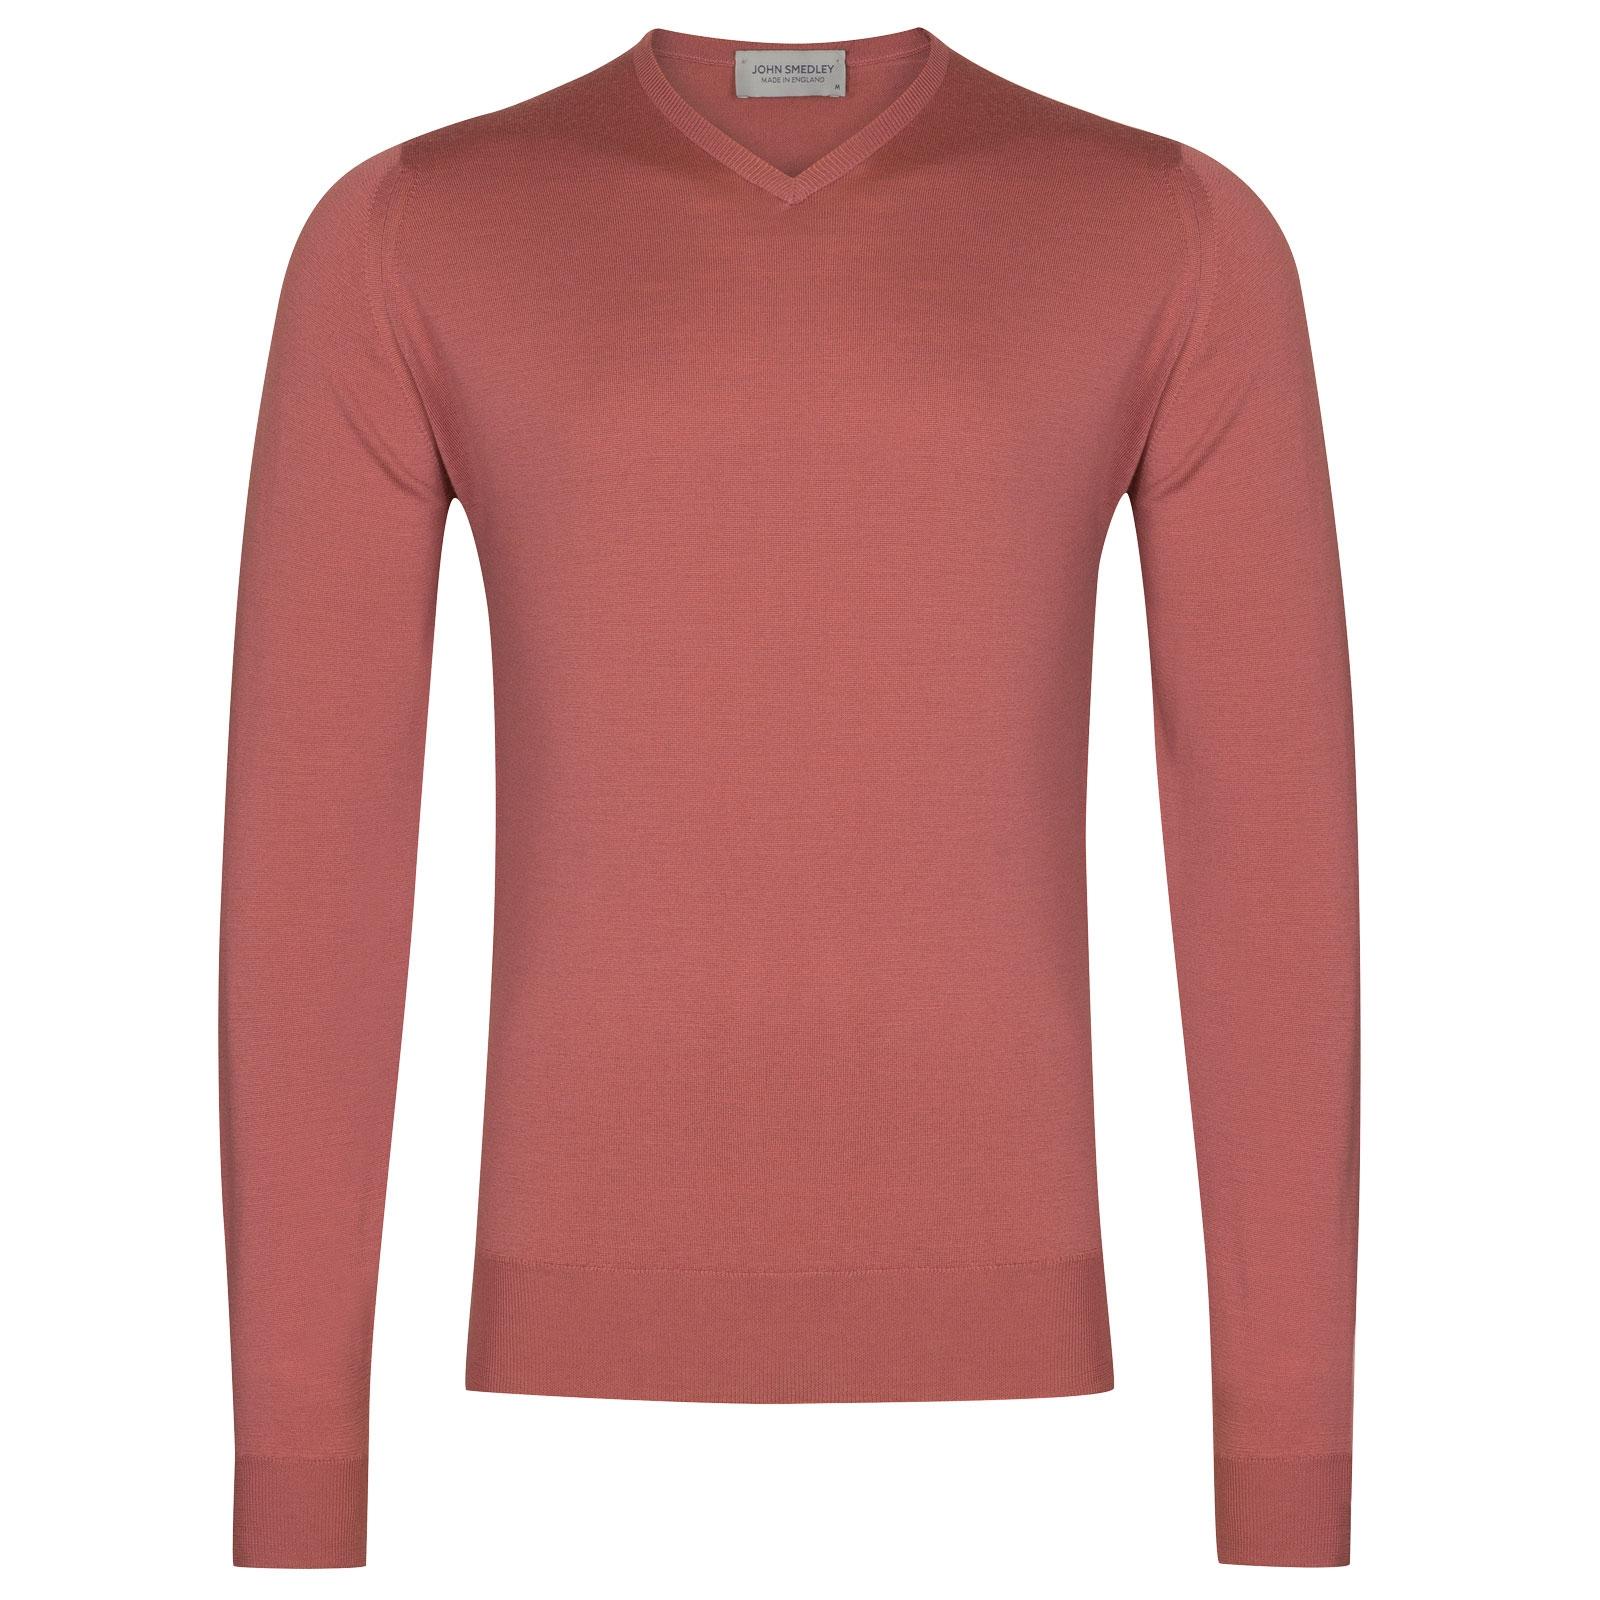 John Smedley Shipton in Azalea Pink Pullover-MED